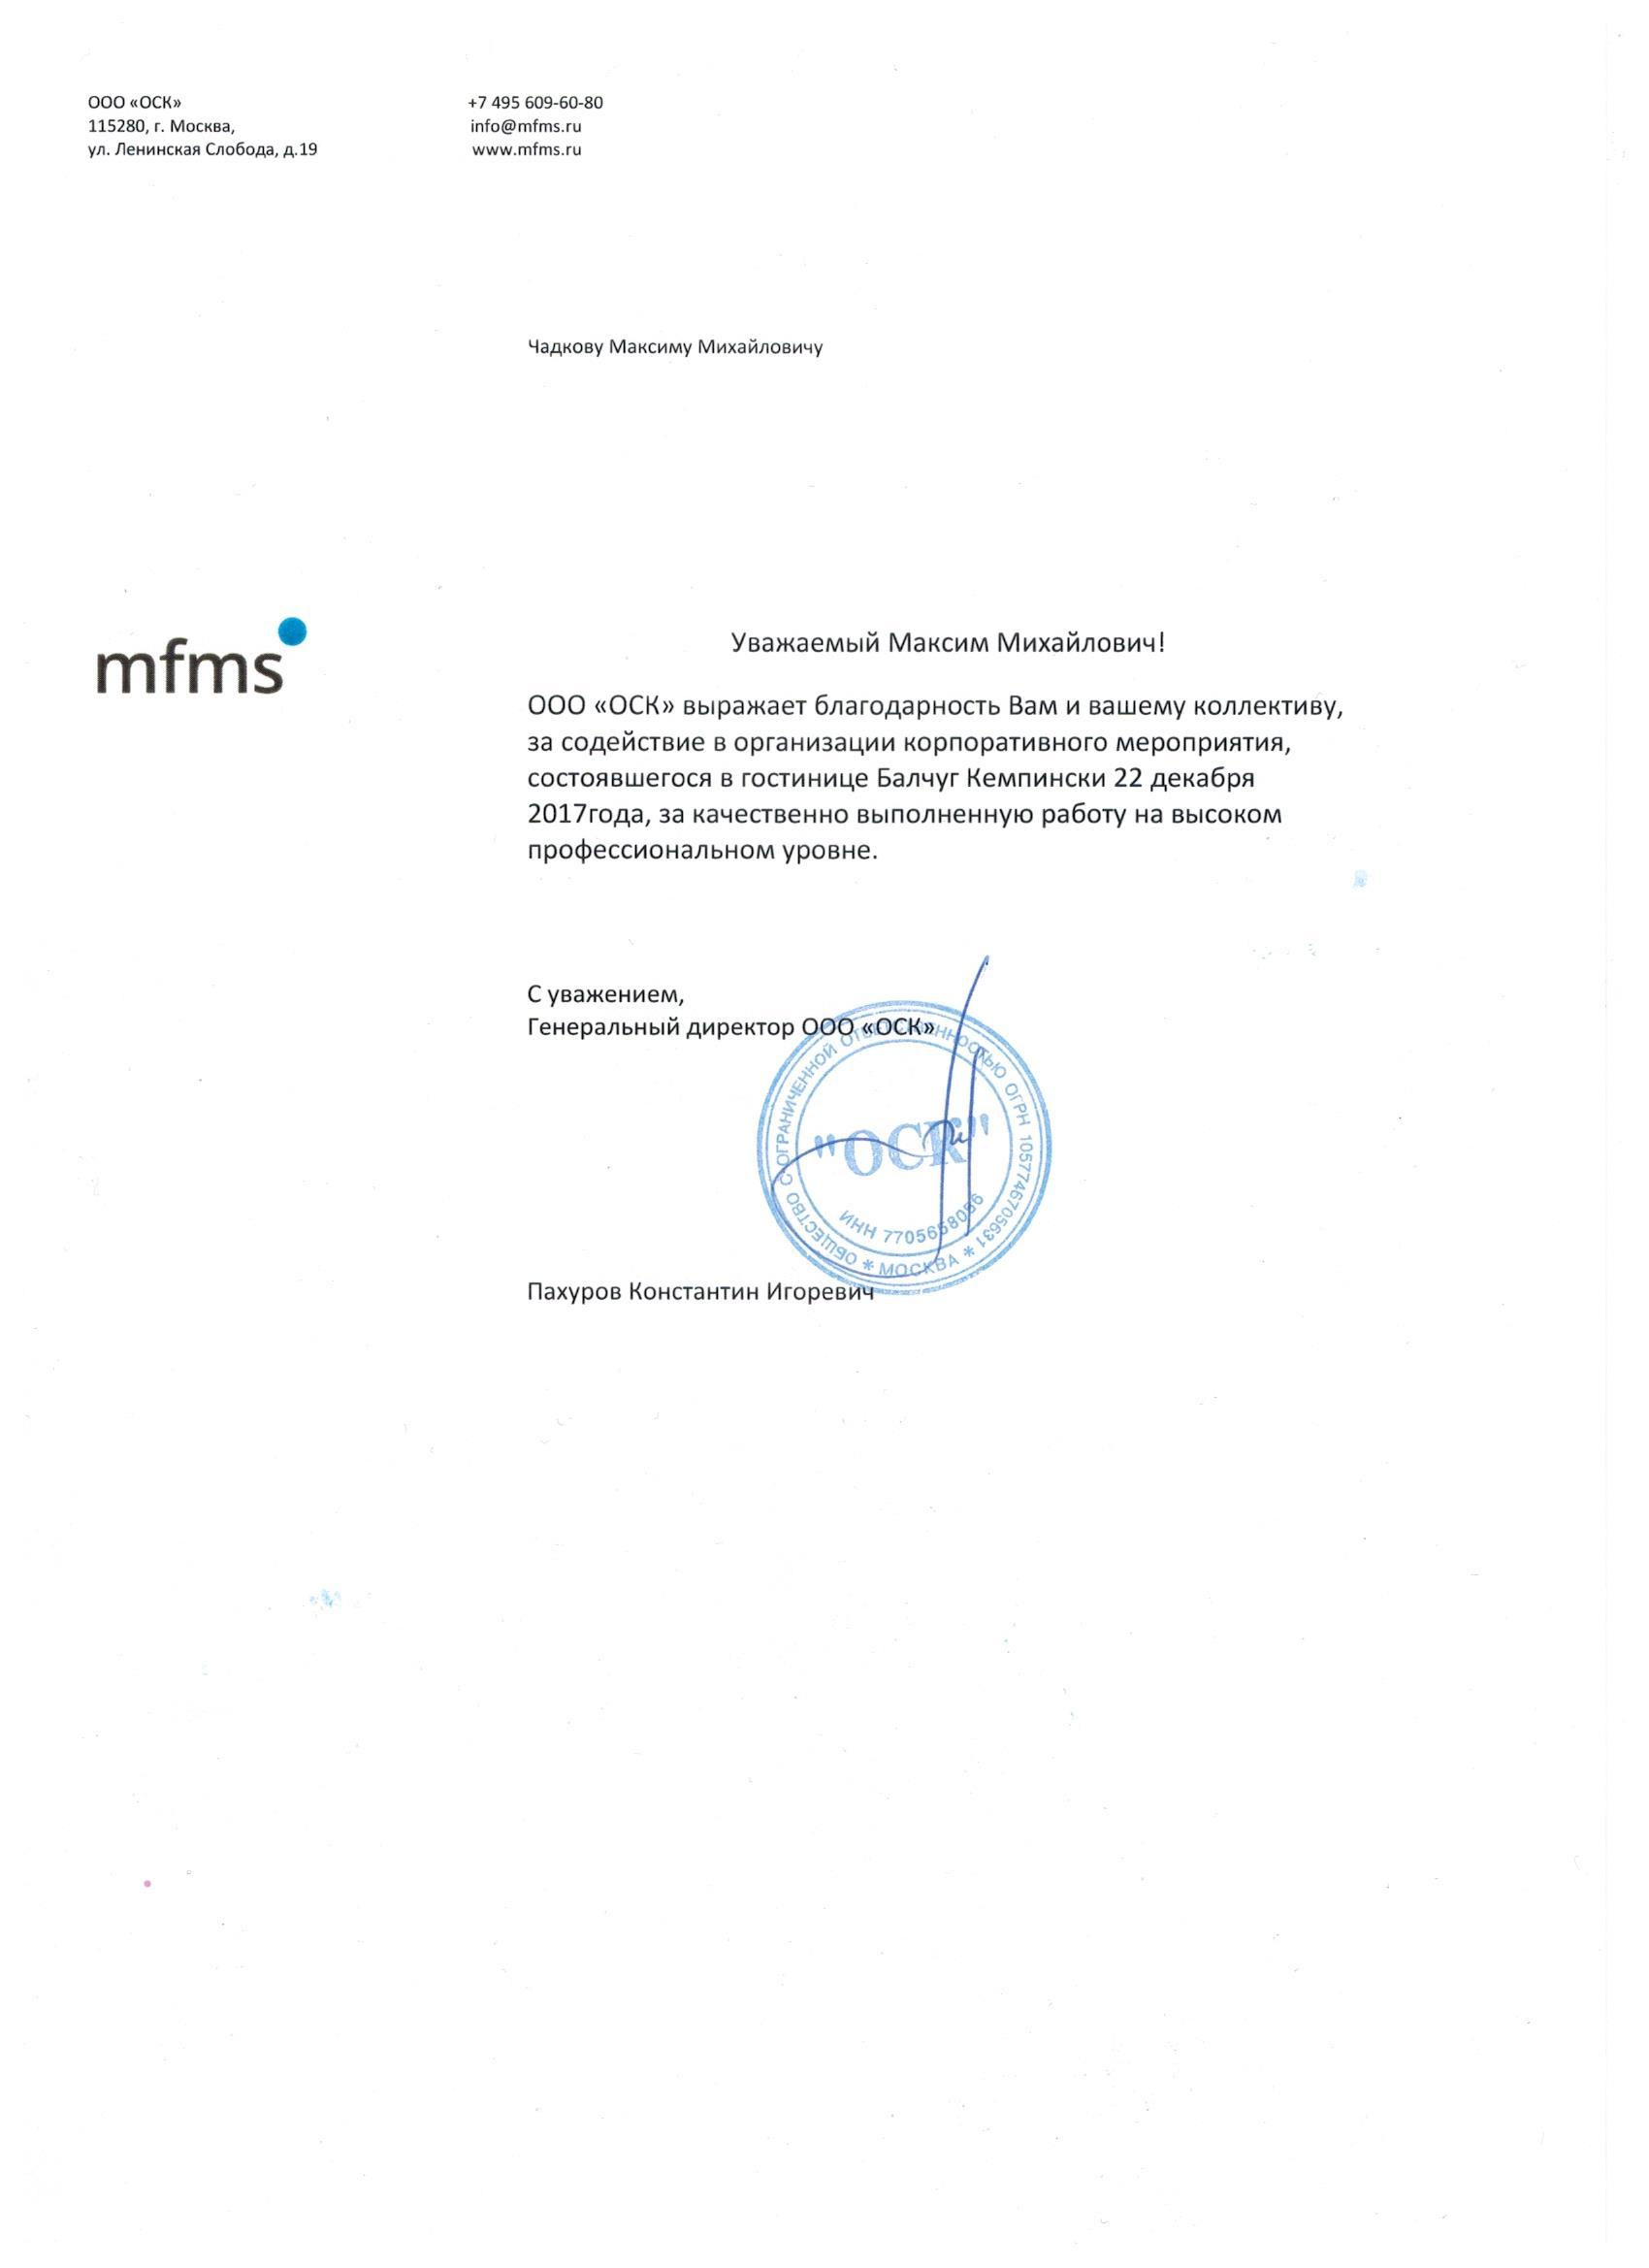 Отзыв организация корпоратива на новый год ОСК